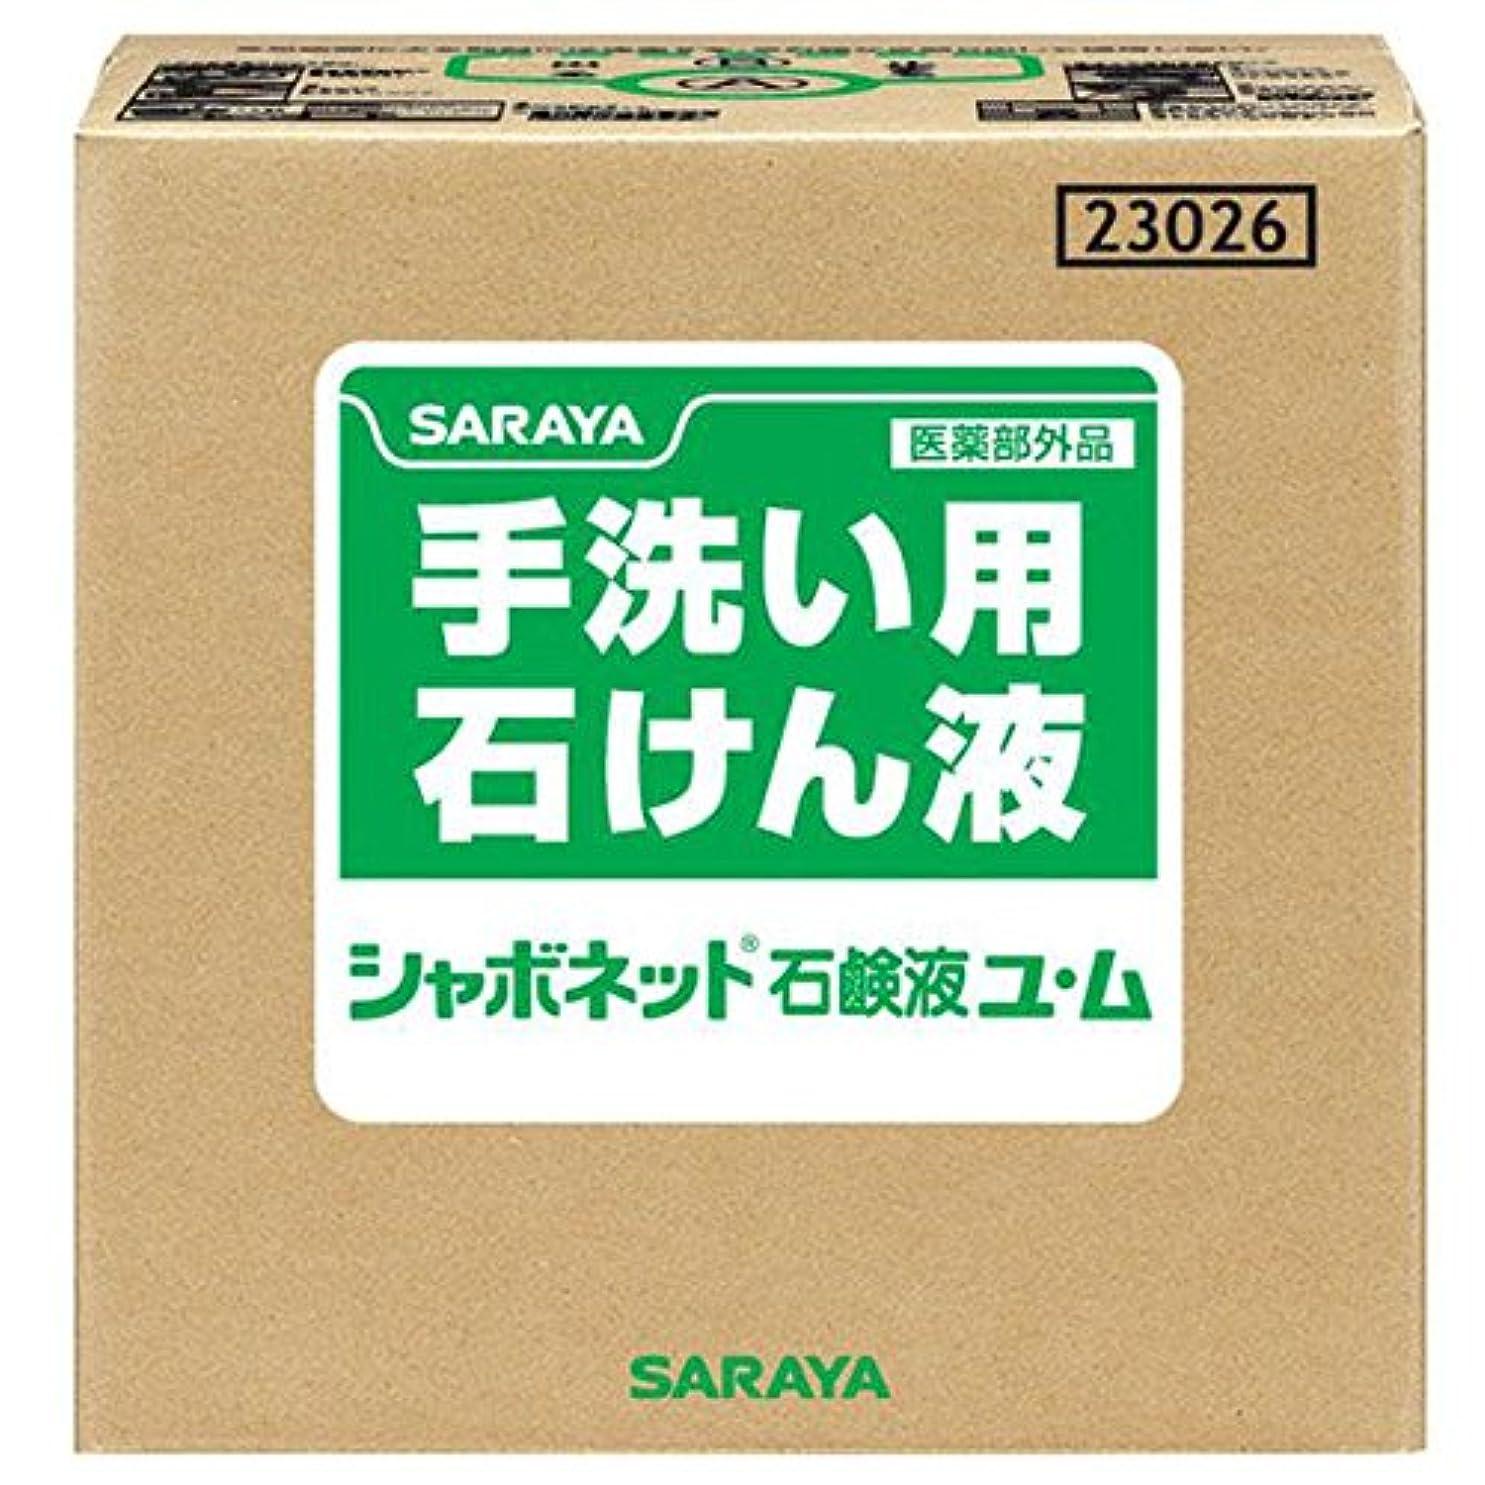 覆す選出する助けになるサラヤ シャボネット 石鹸液ユ?ム 20kg×1箱 BIB